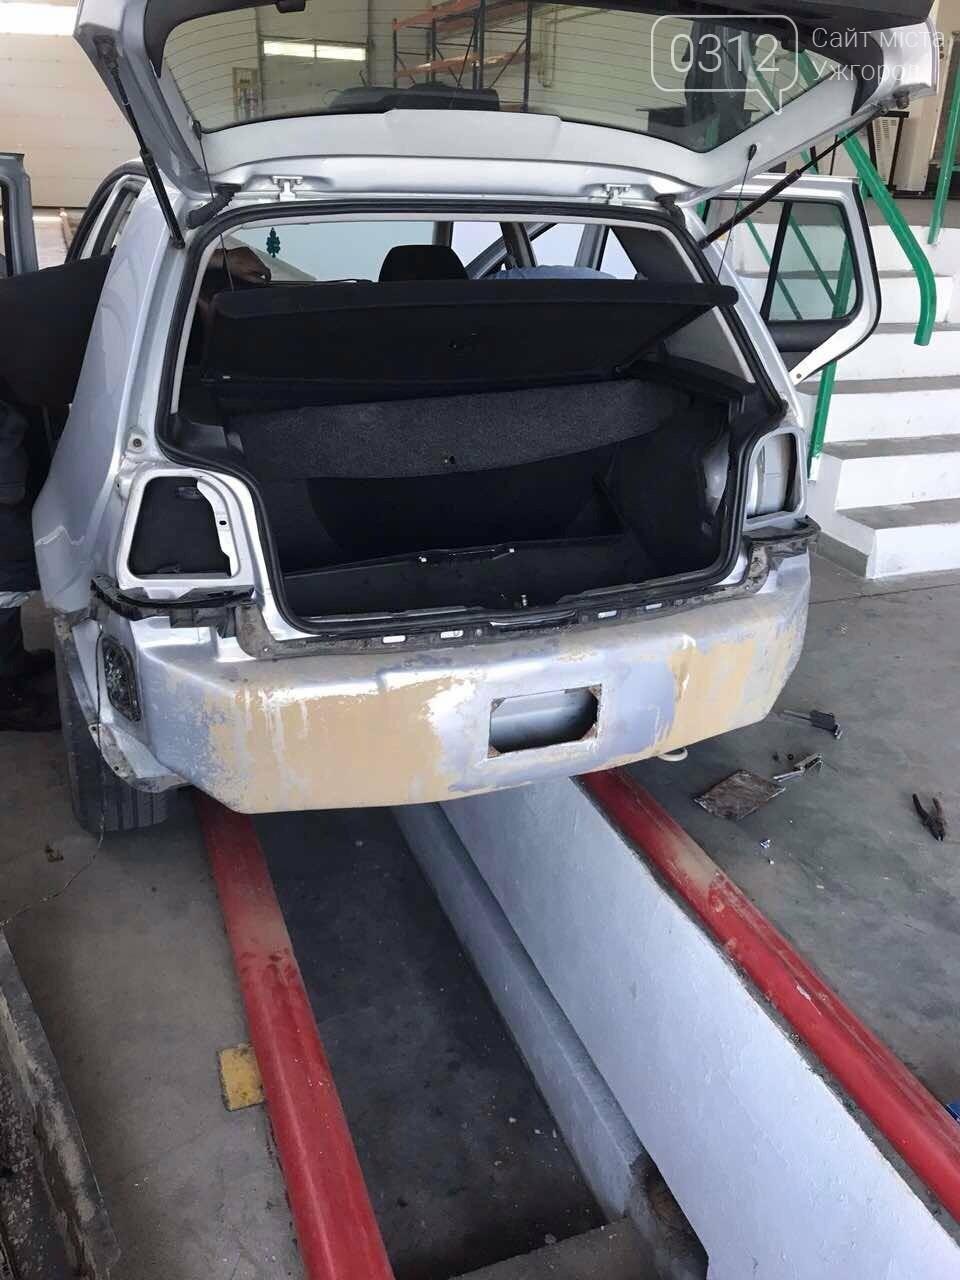 """На КПП """"Ужгород митники через приховані цигарки  вилучили «Volkswagen»: фото, фото-1"""